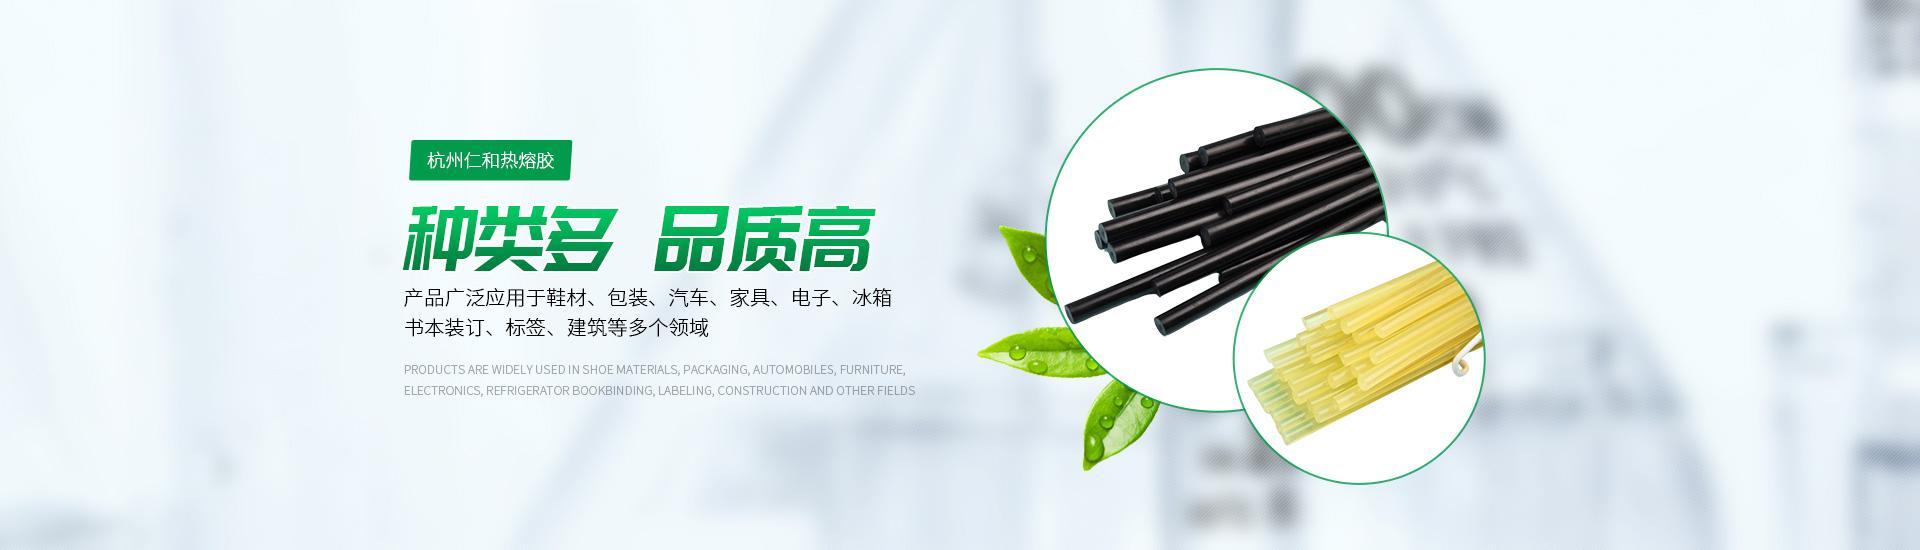 杭州仁和热熔胶有限公司